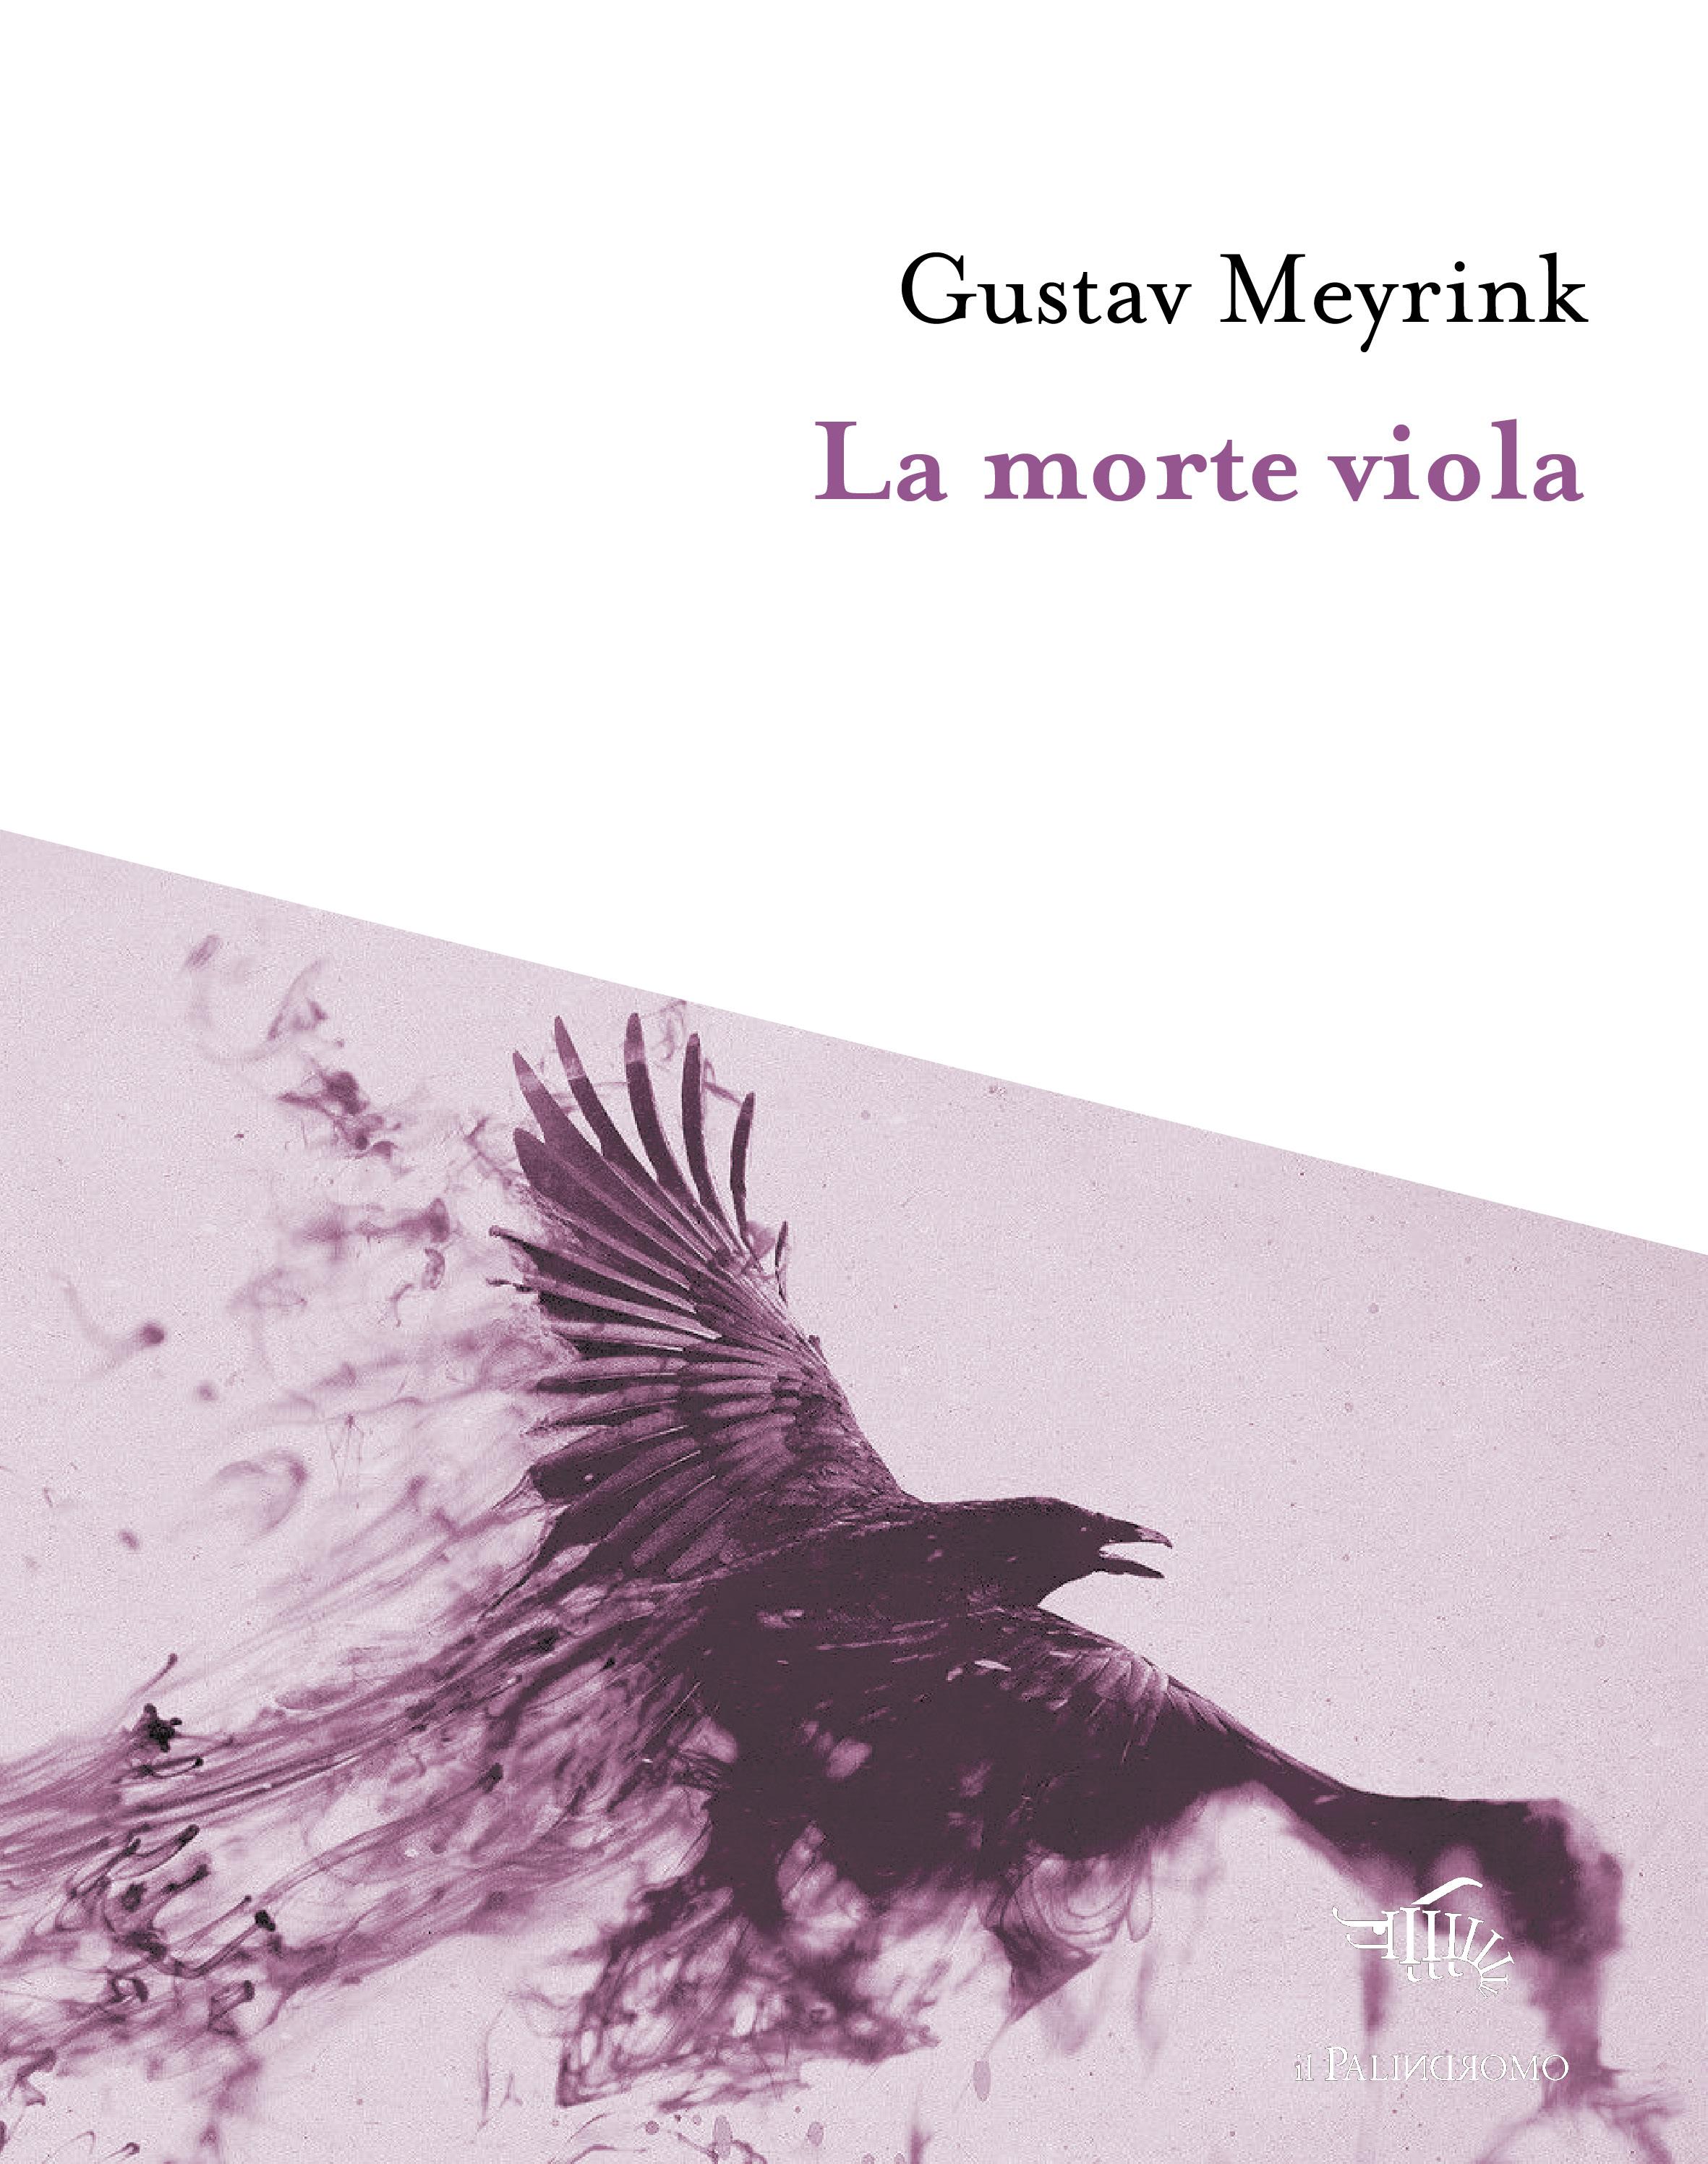 Autore: Gustav Meyrink